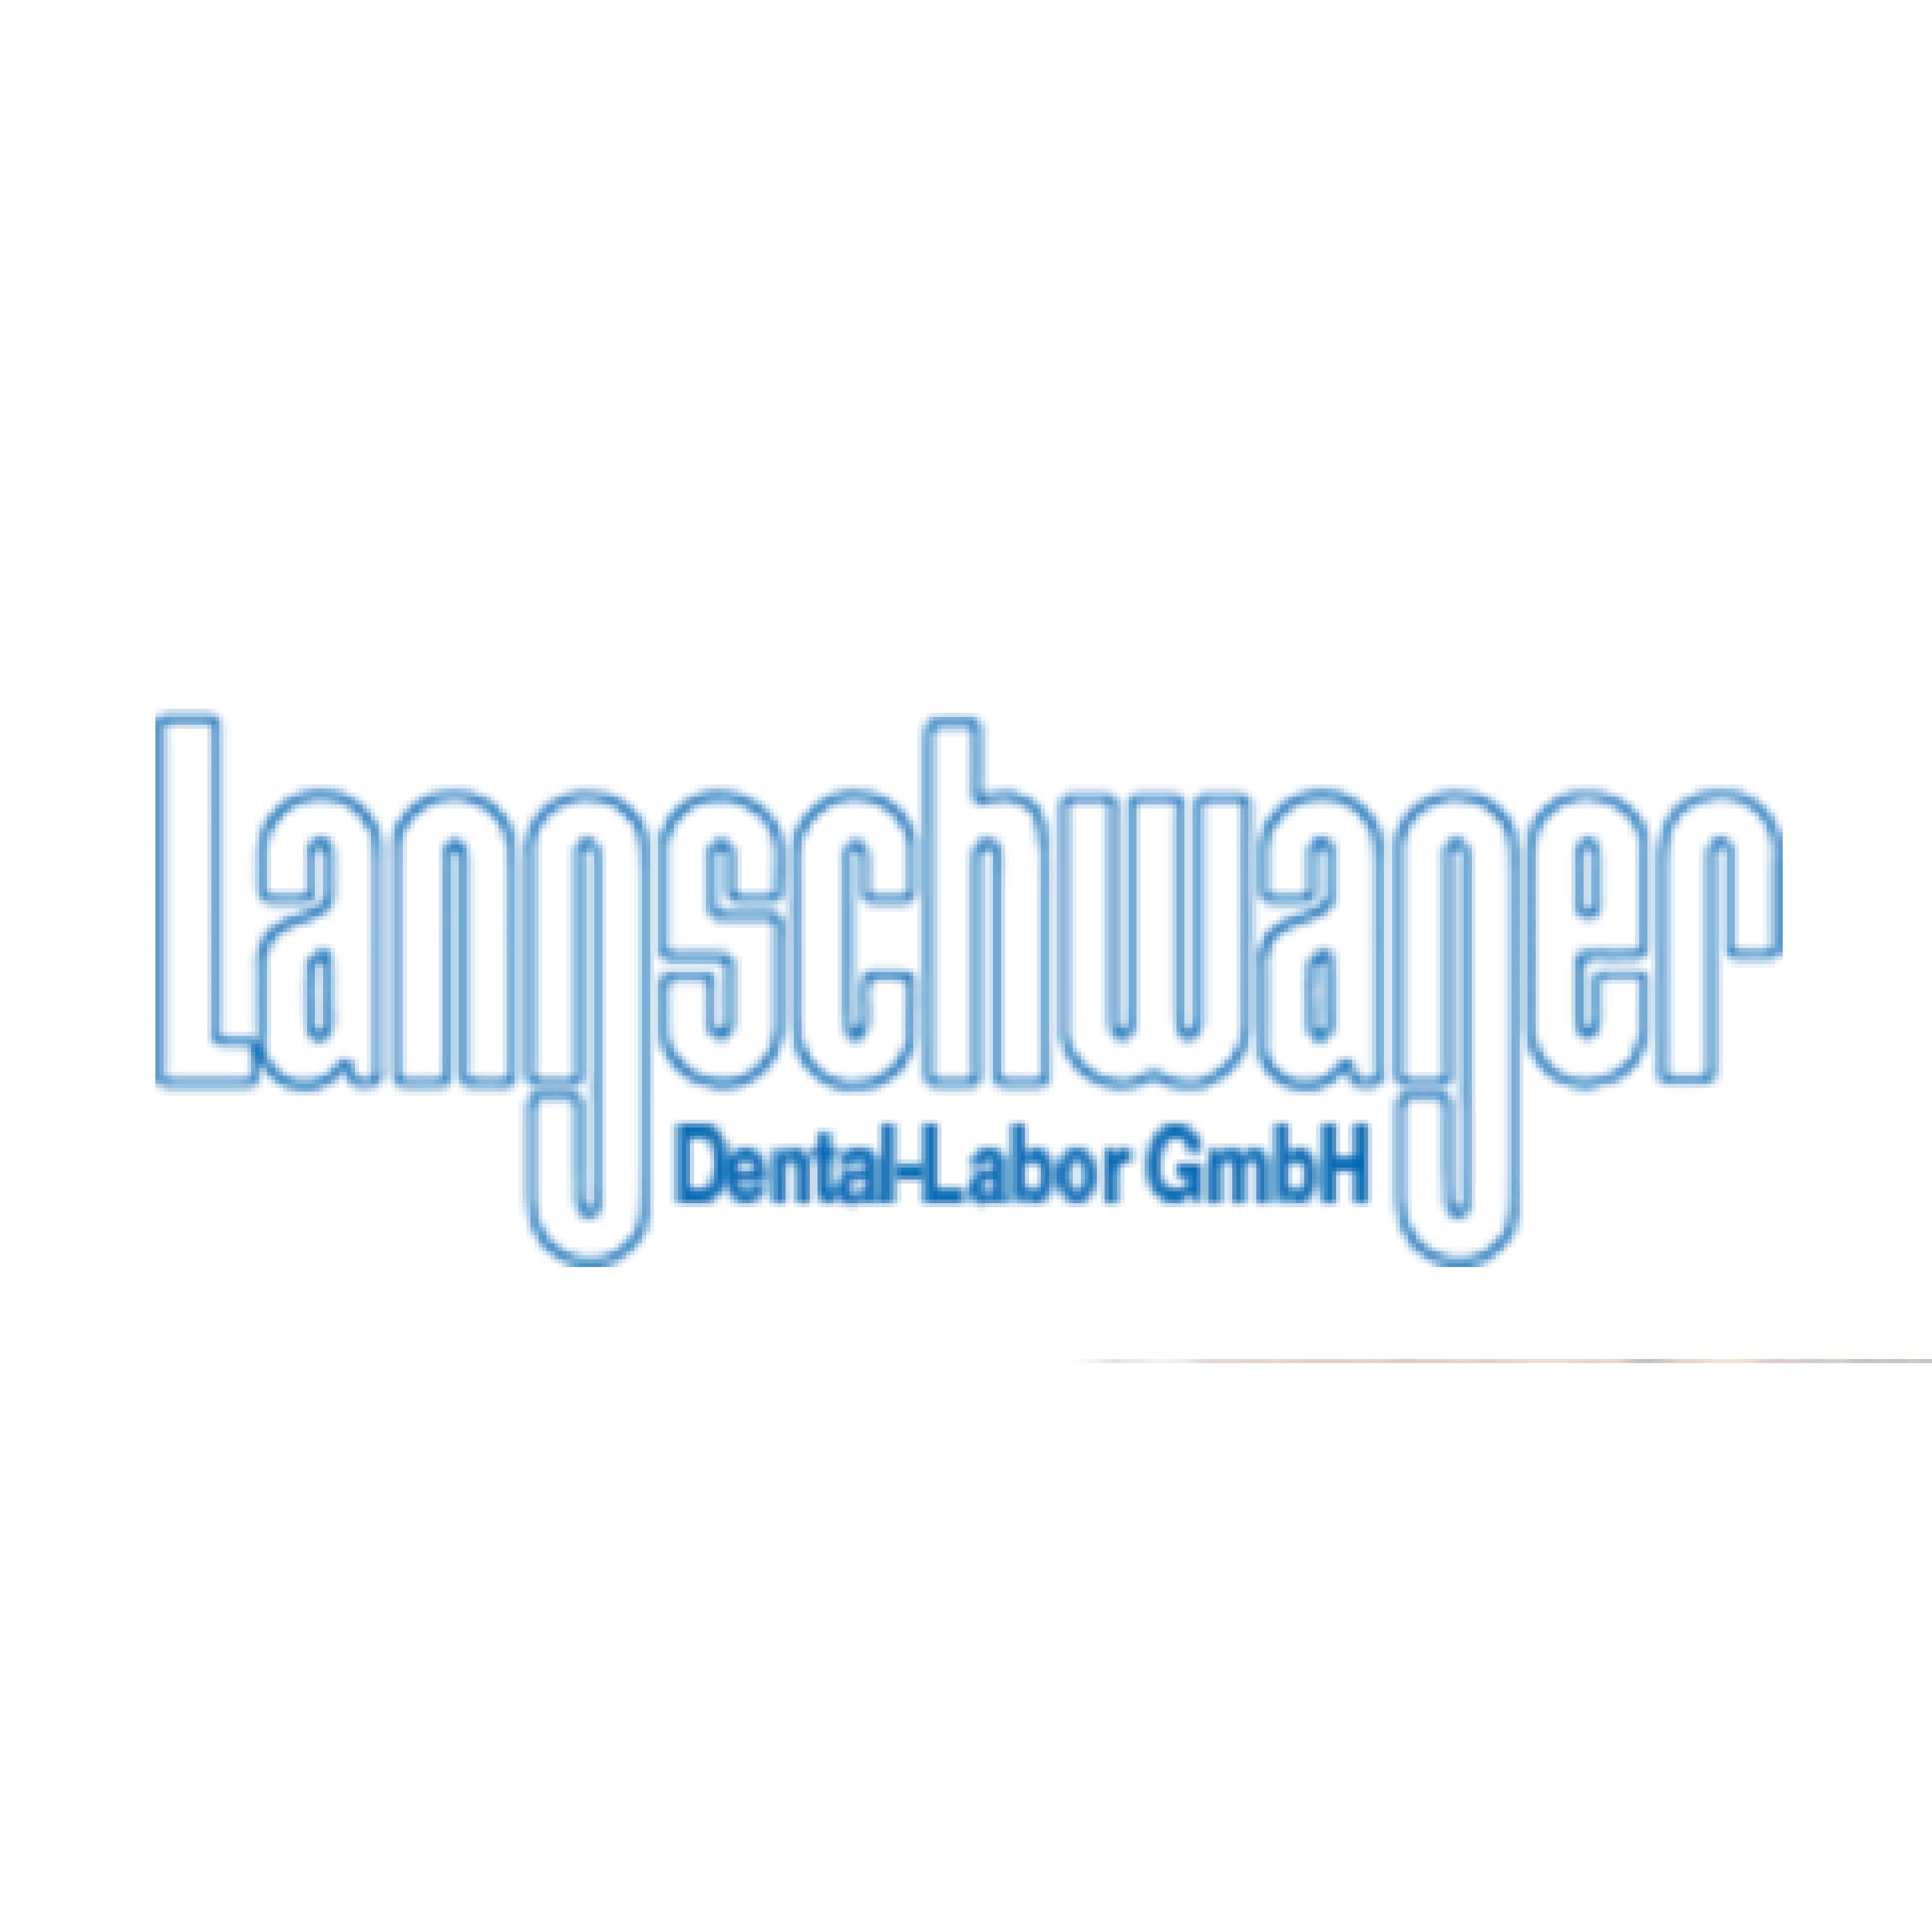 Zahnarztpraxis Dr. Grüttner Schroff Partner Langschwager 2 Zahnarztpraxis Dr. Grüttner Schroff